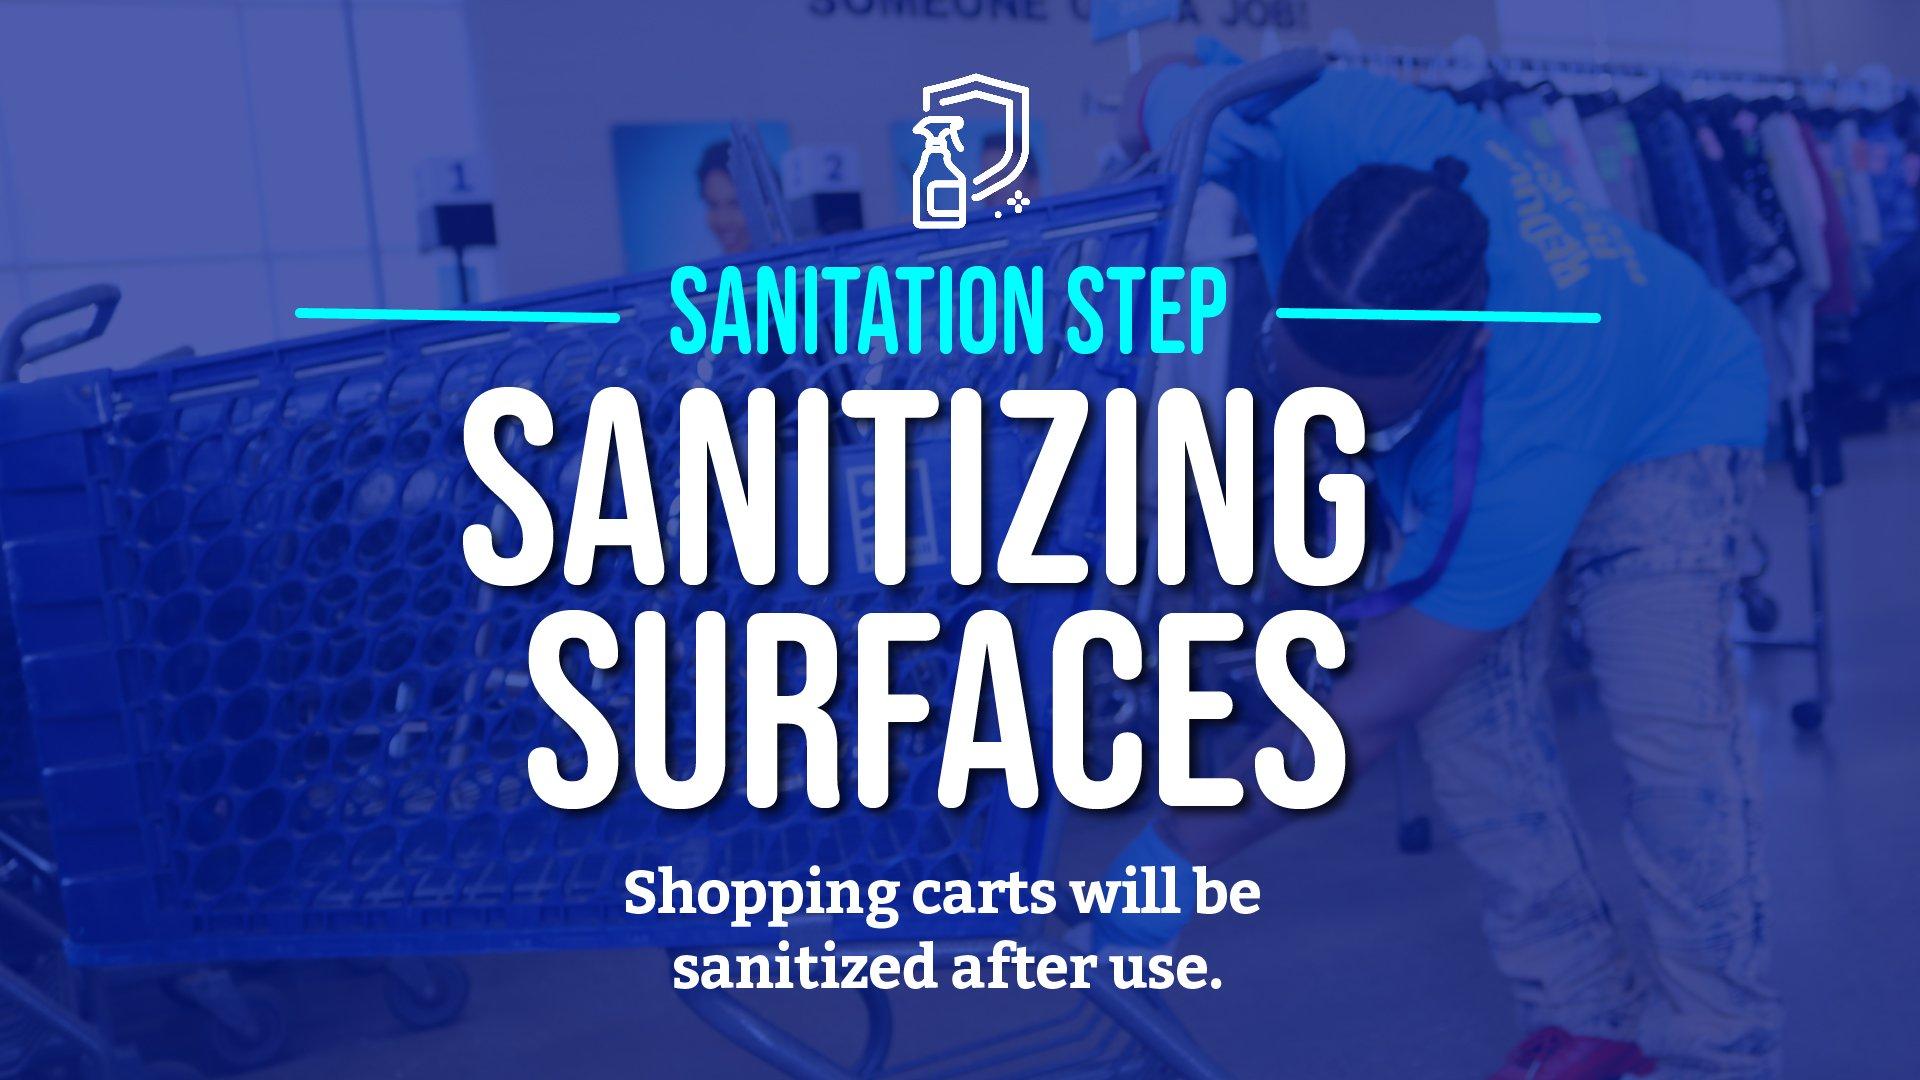 1920x1080-Sanitation-Step-7